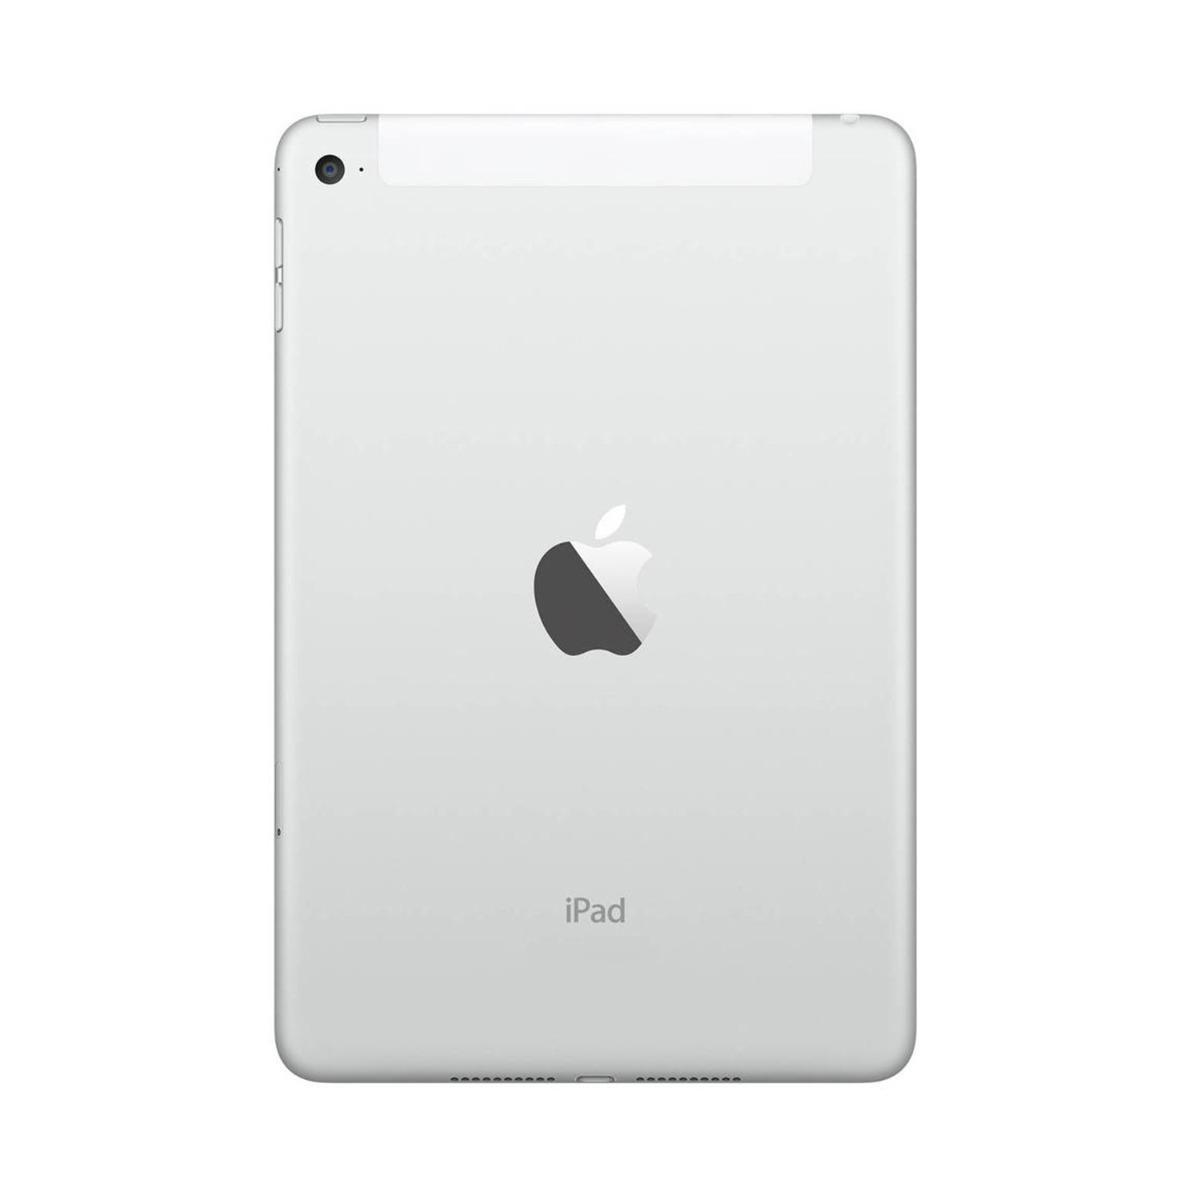 iPad mini 3 (2014) - WiFi + 4G